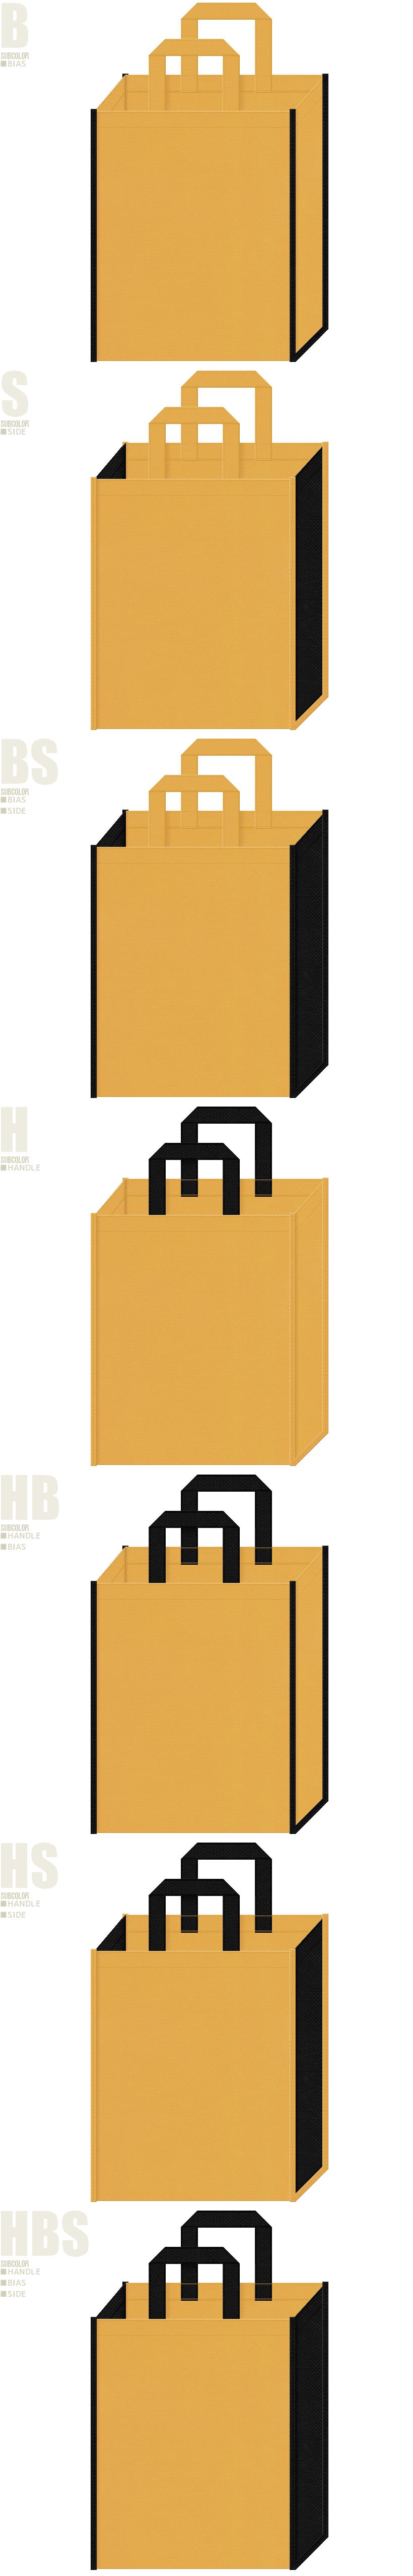 黄土色と黒色、7パターンの不織布トートバッグ配色デザイン例。